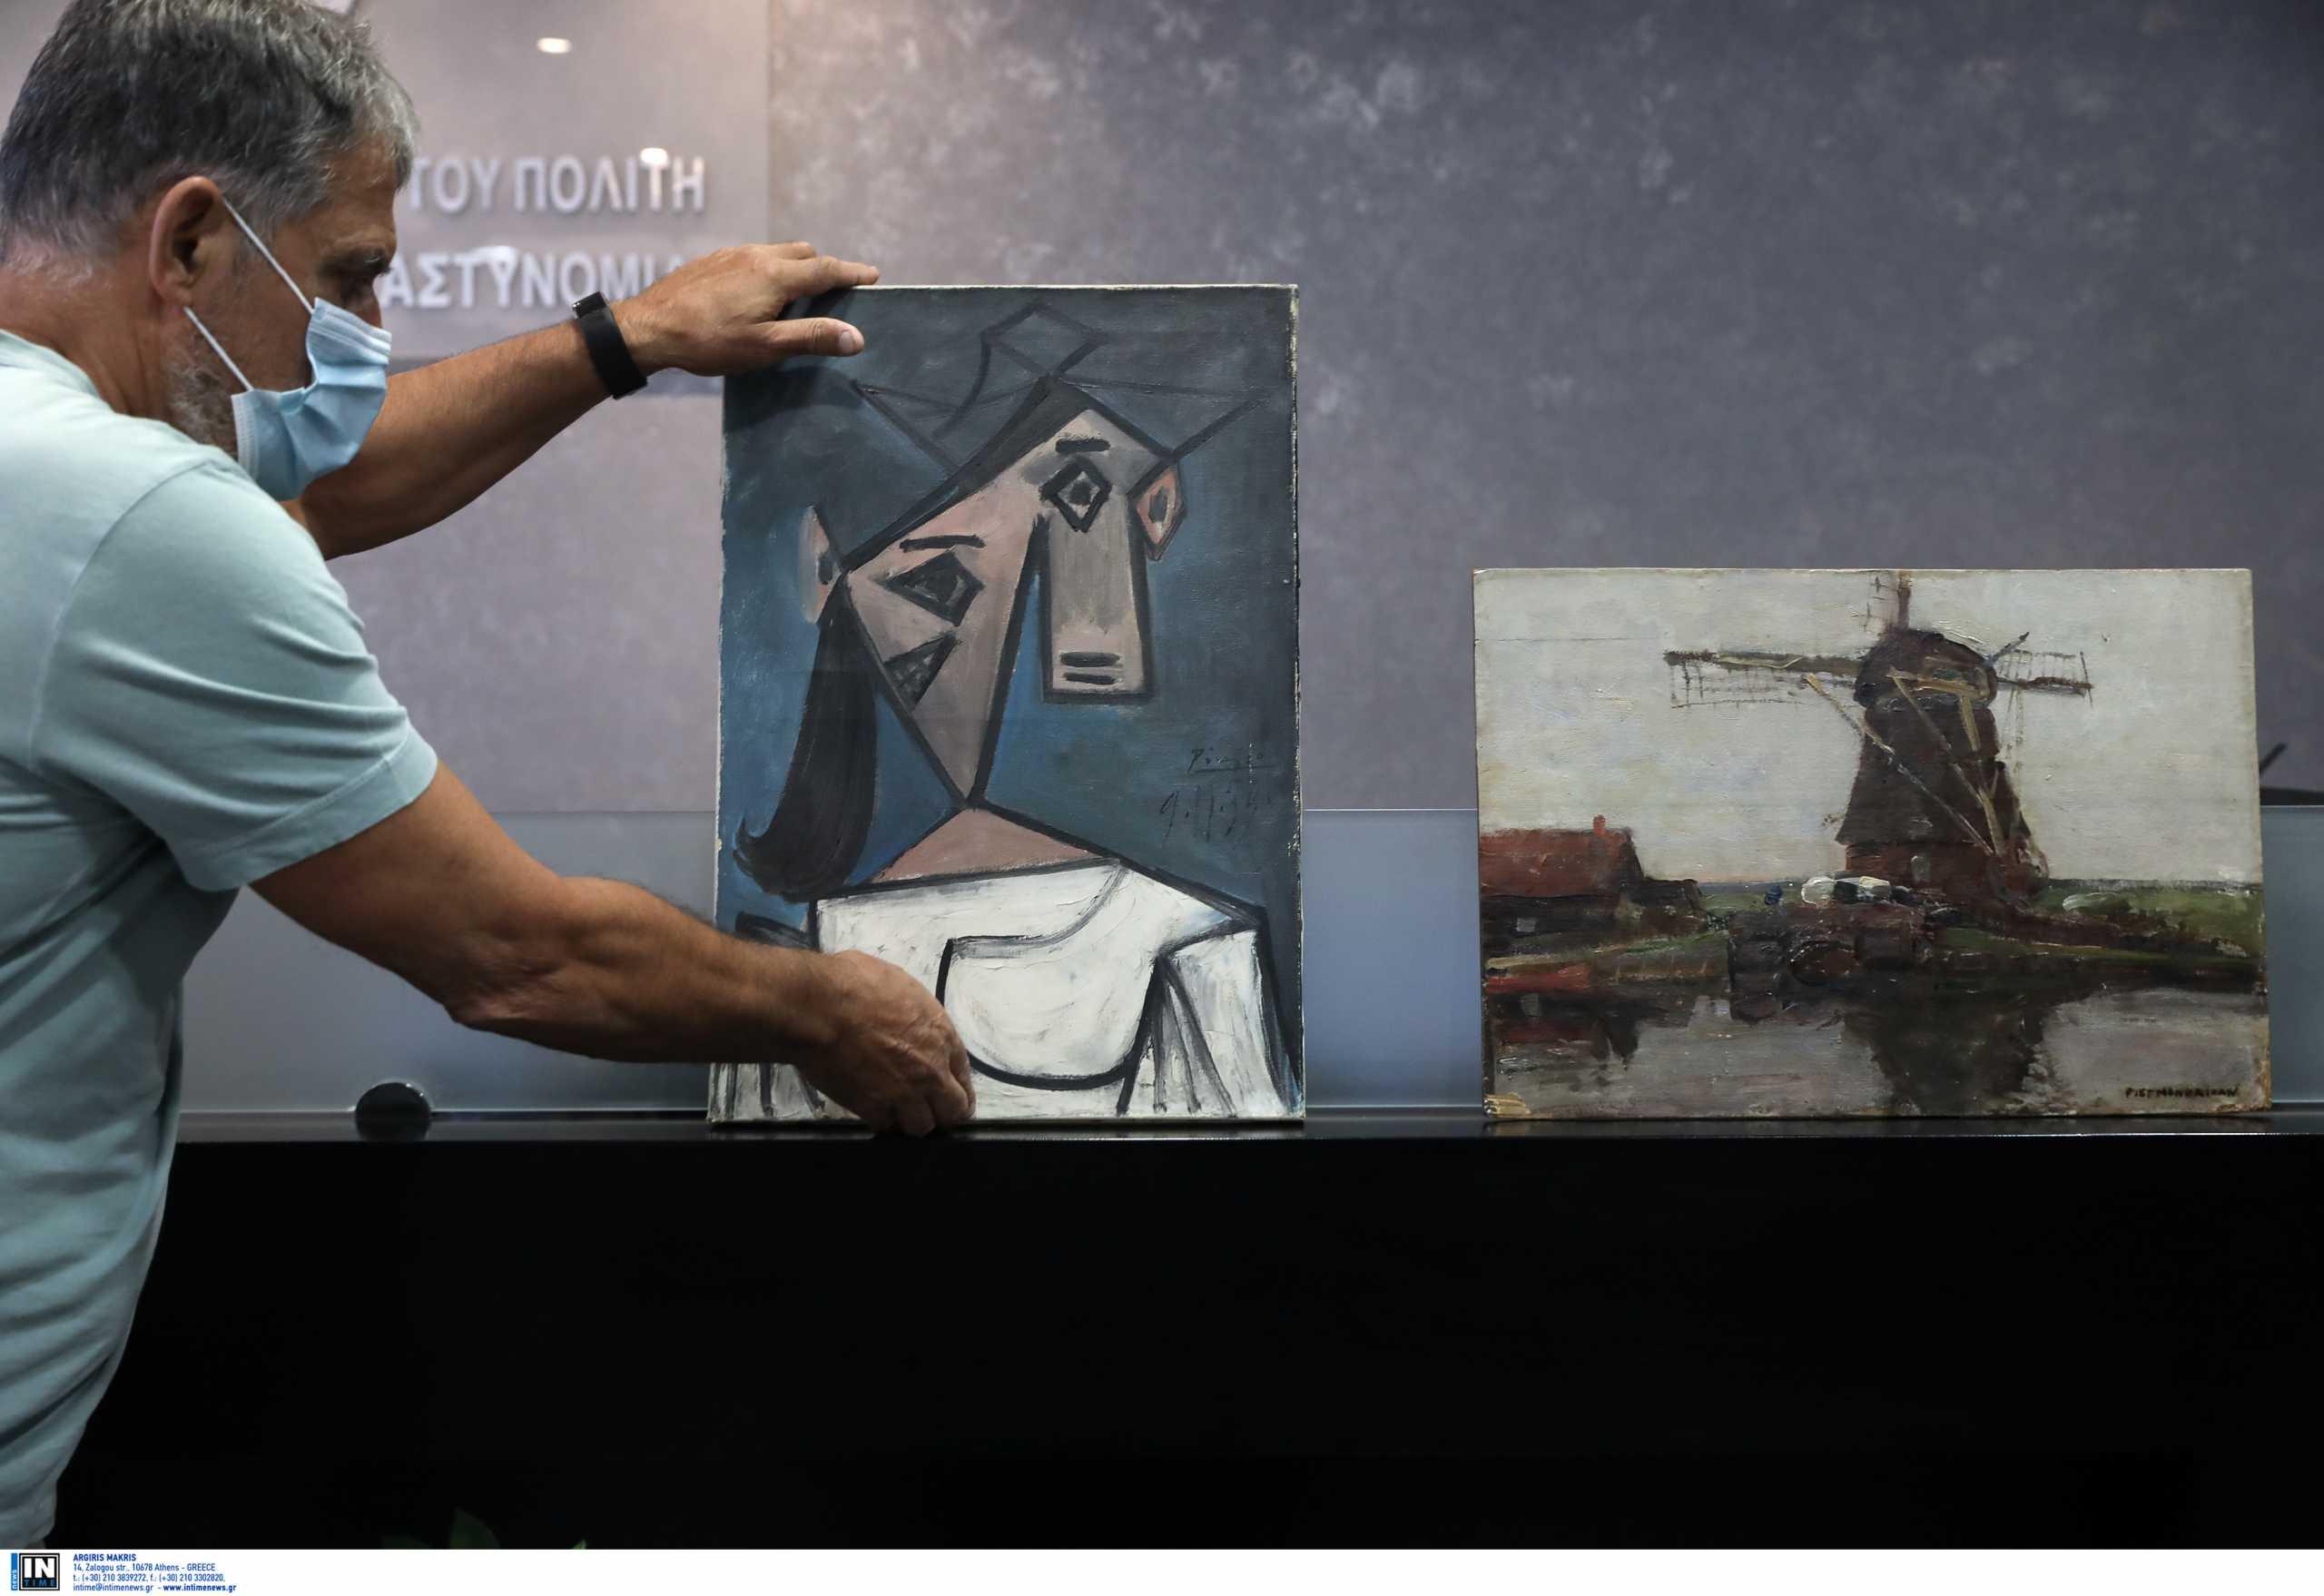 Κλοπή Πικάσο: Τι ώθησε τον 49χρονο να κλέψει τους πίνακες